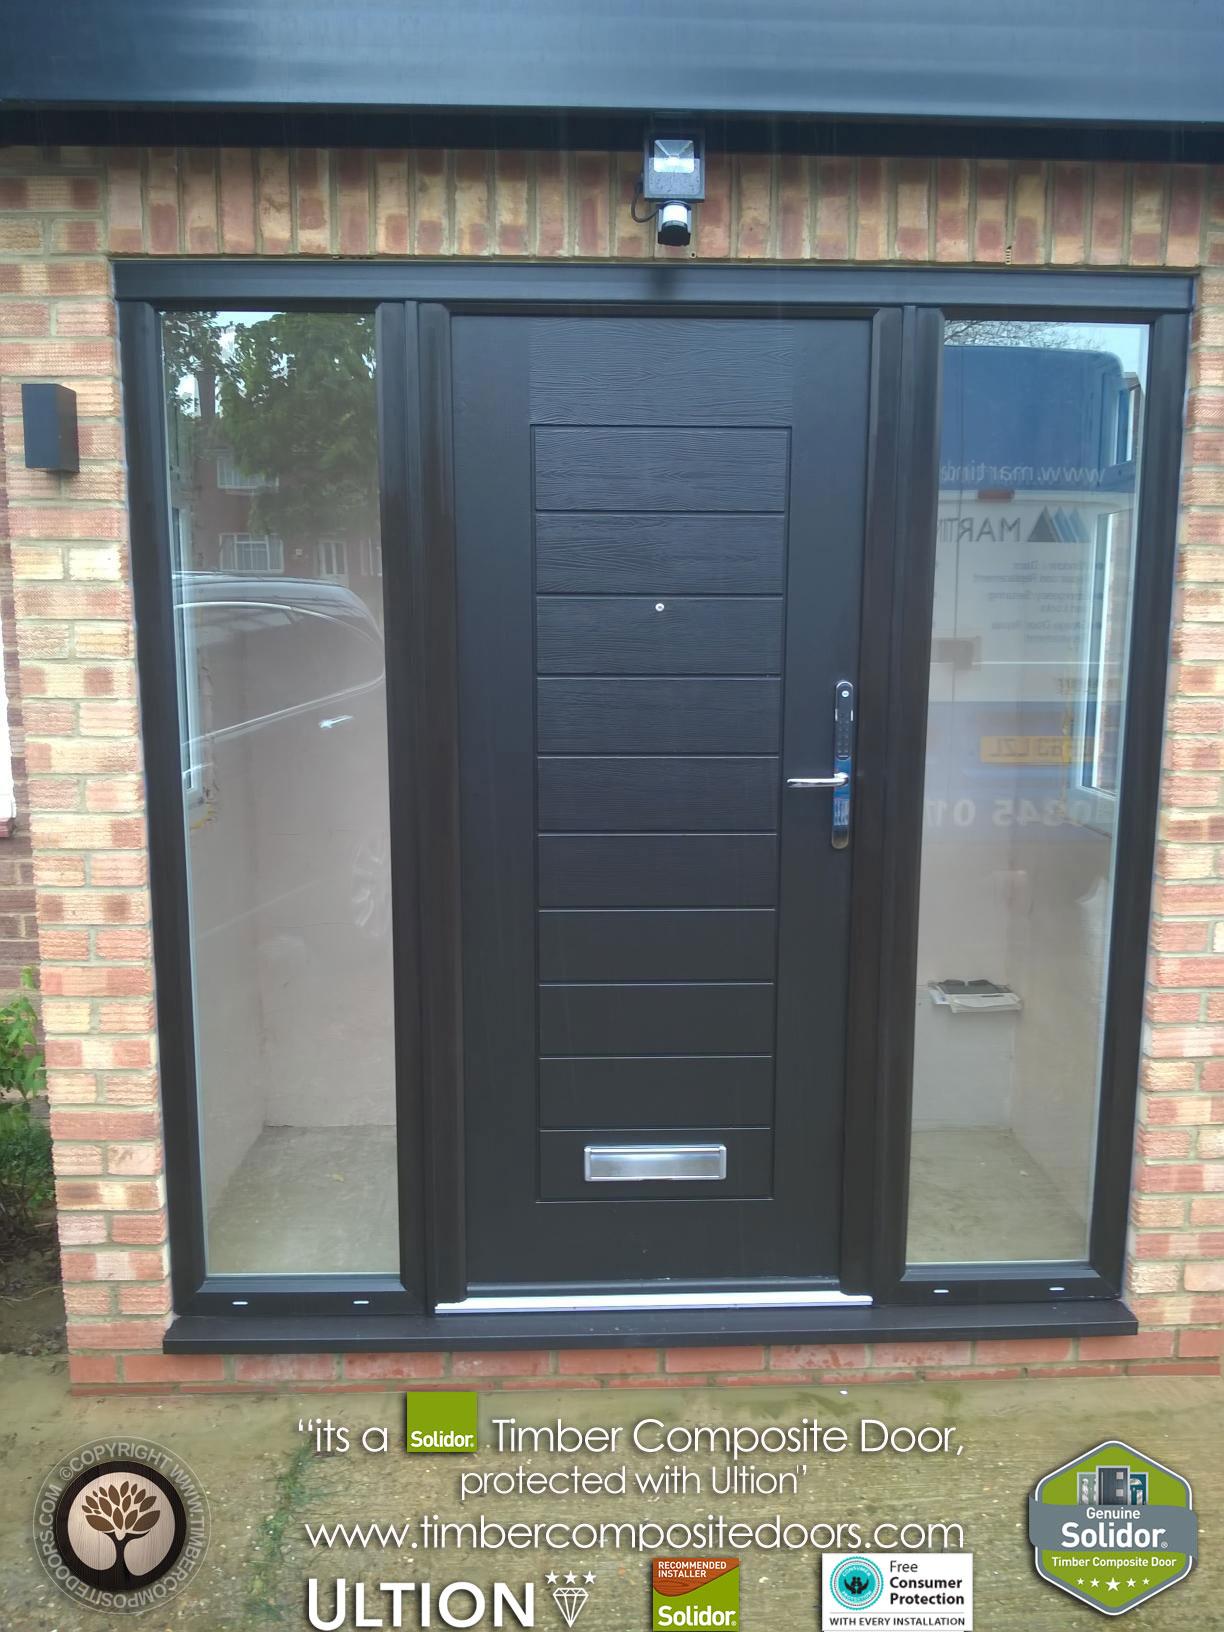 Solidor Composite Doors Timber Composite Doors Blog